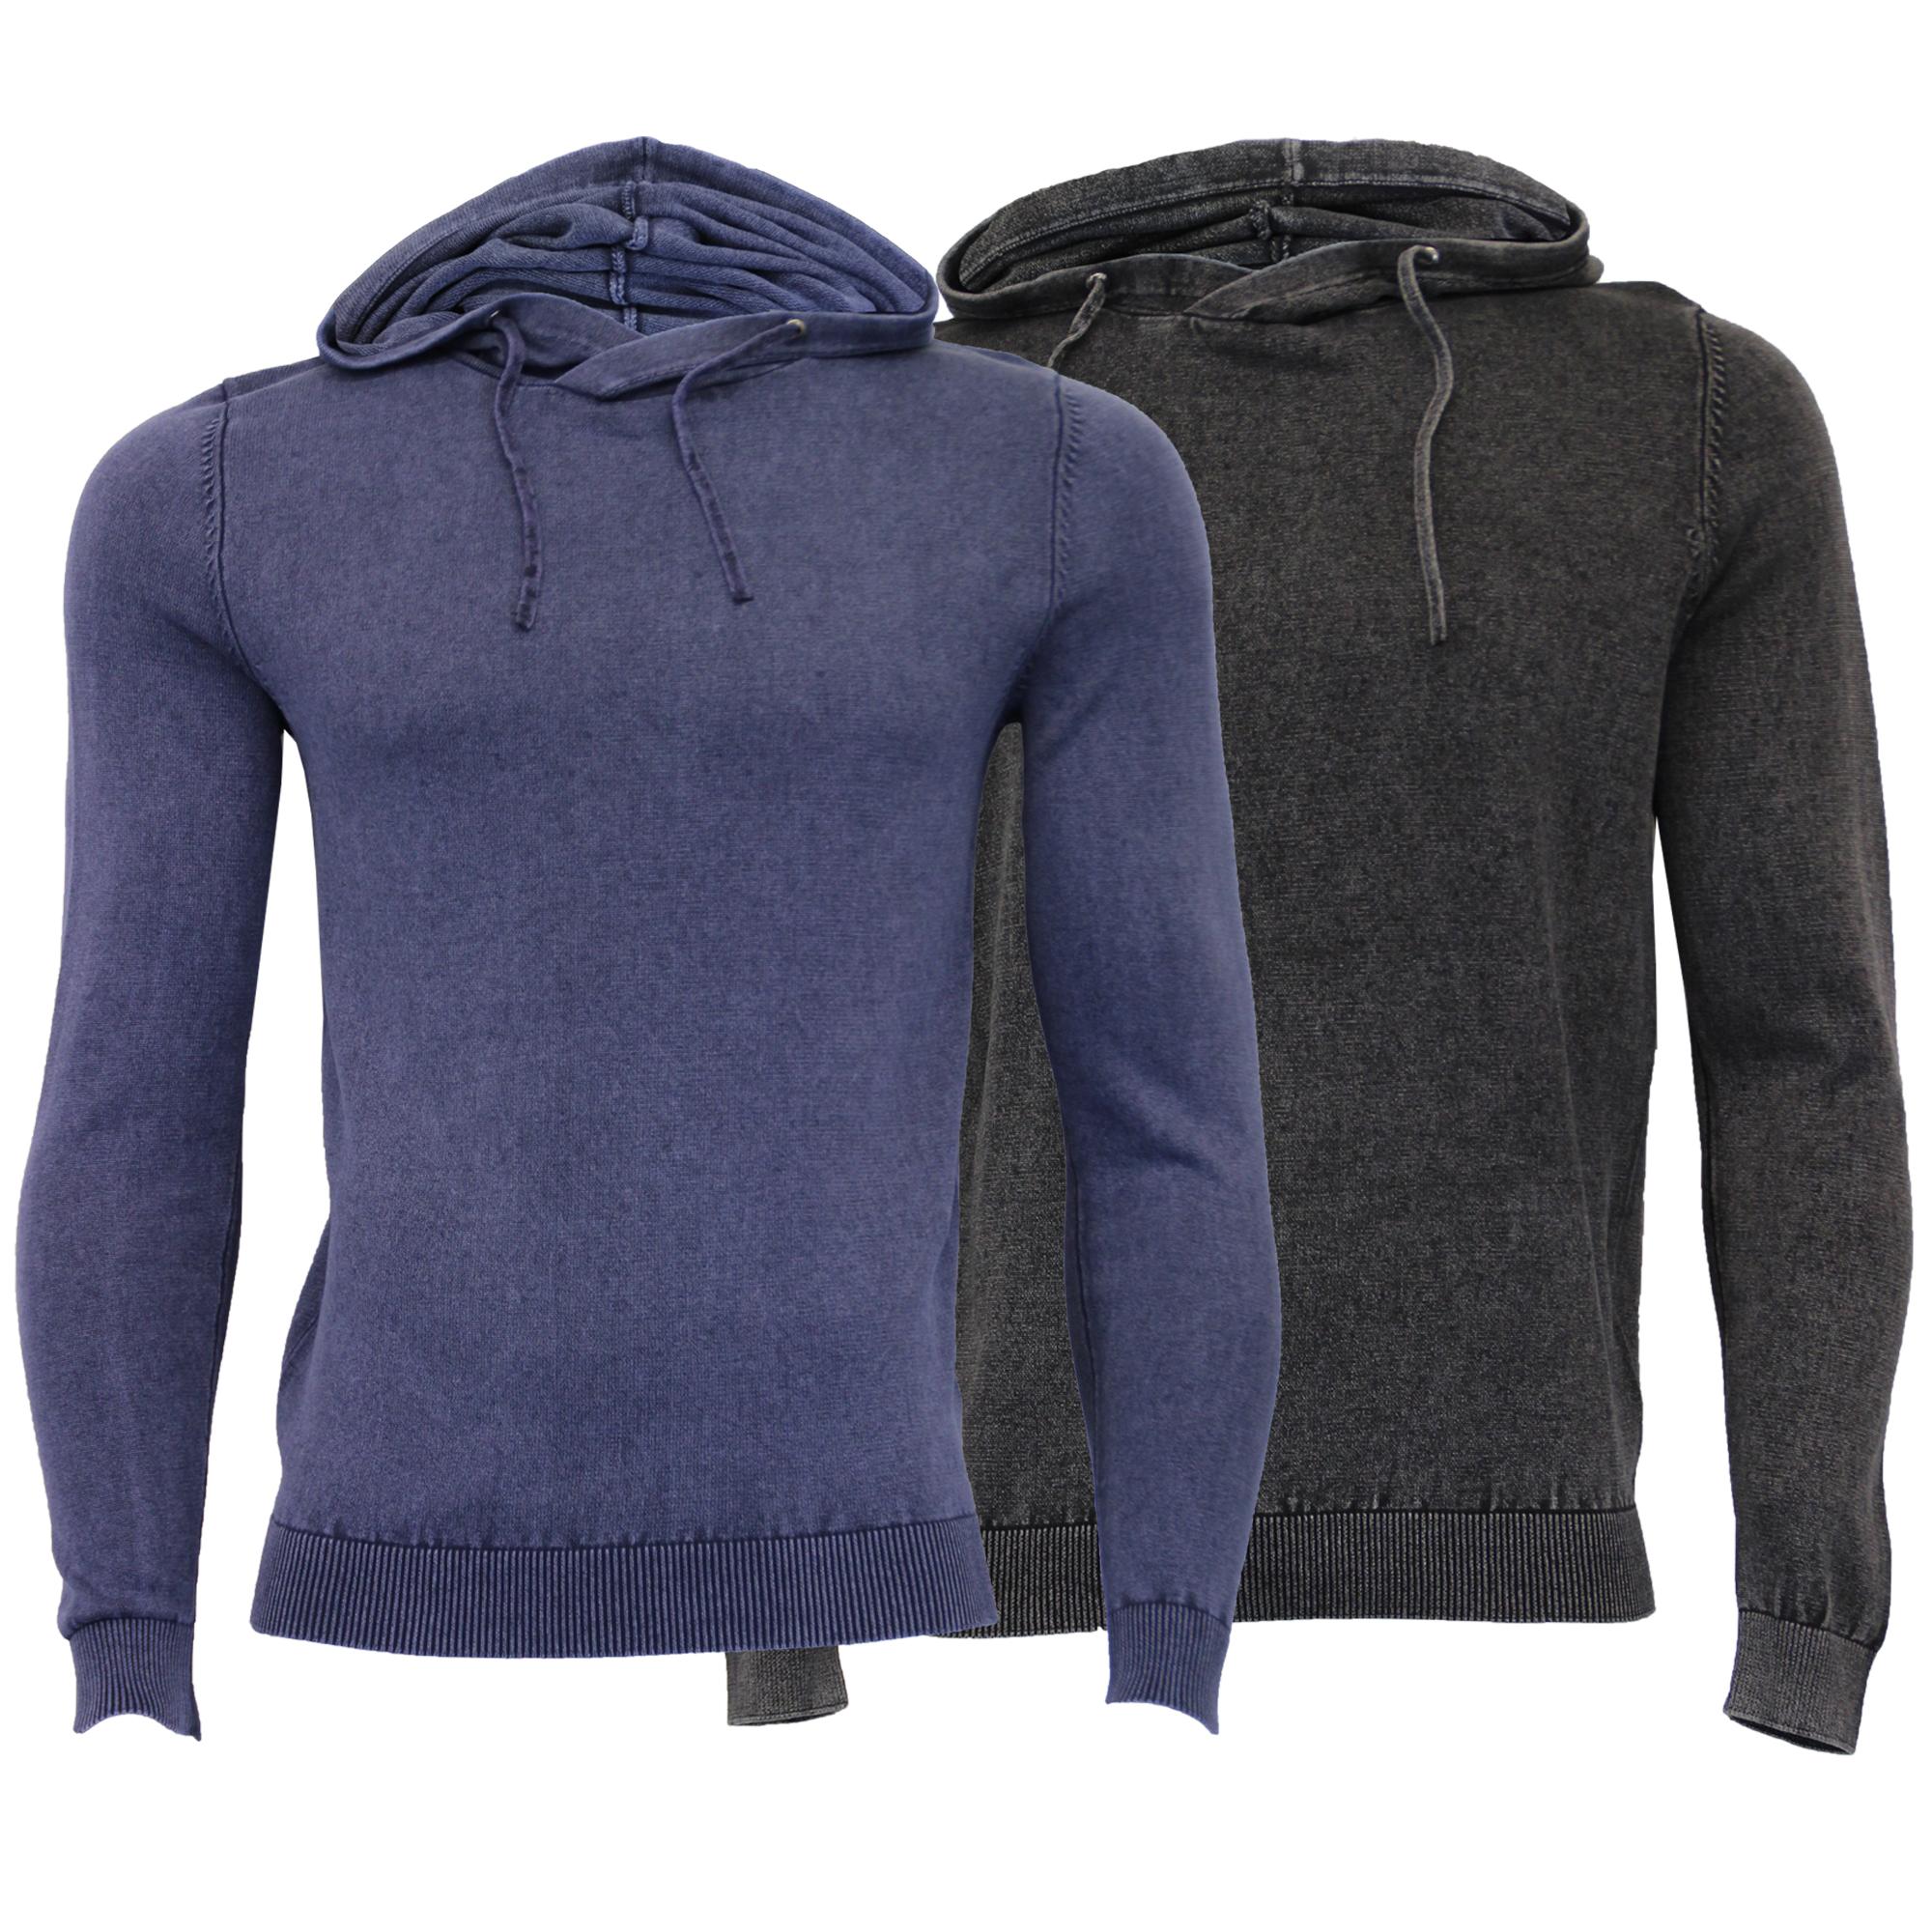 Men/'s Tokyo Laundry Hoodie Hooded Sweatshirt Jumper Pullover Top HARLEM PEAKS